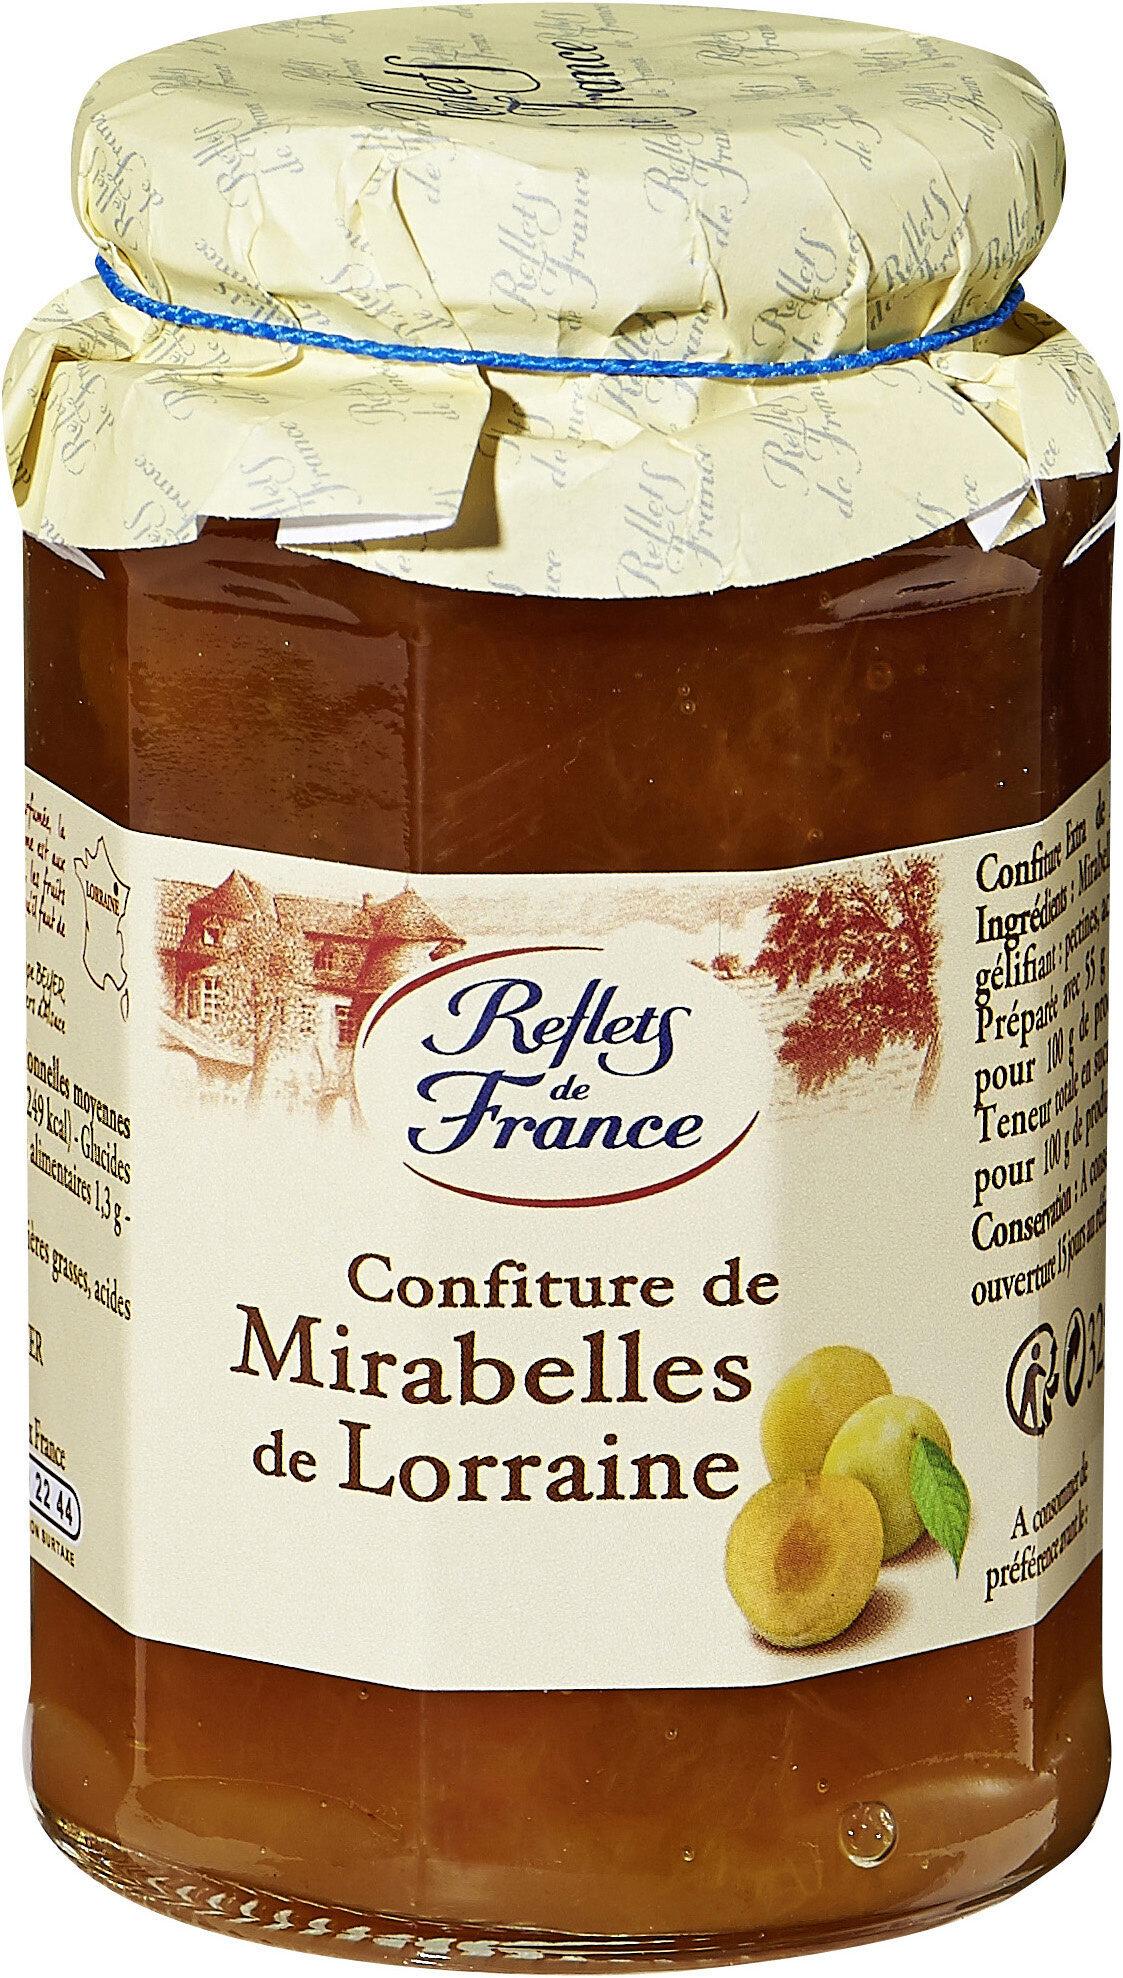 Myrtilles sauvages du Macif Central Confiture extra - Produit - fr